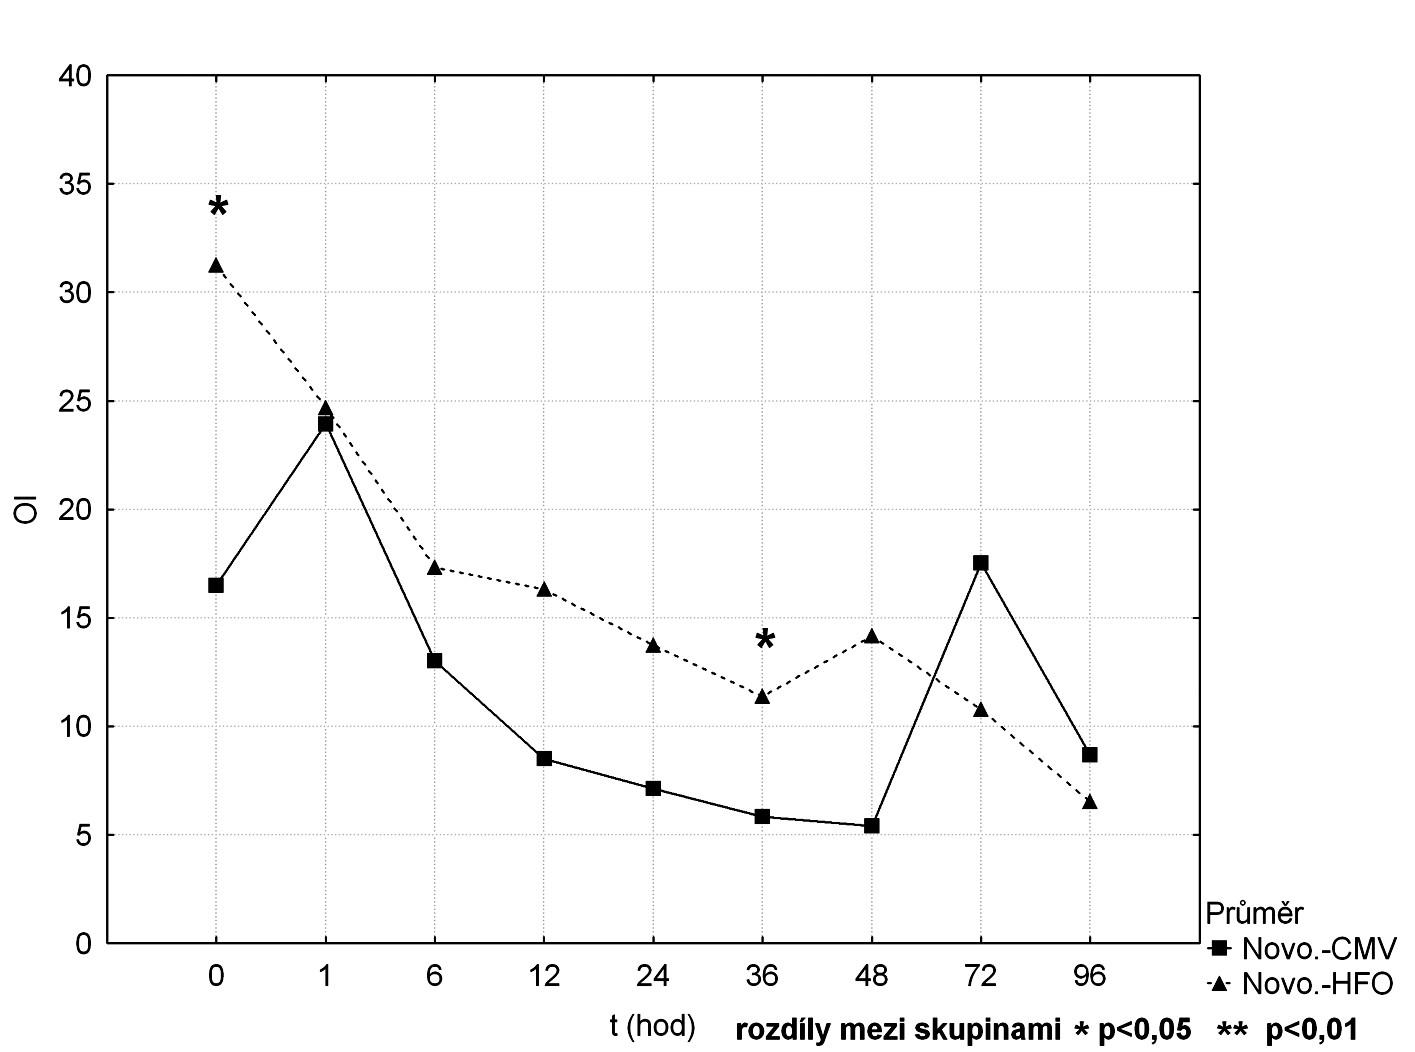 Srovnání průběhu OI mezi CMV a HFOV